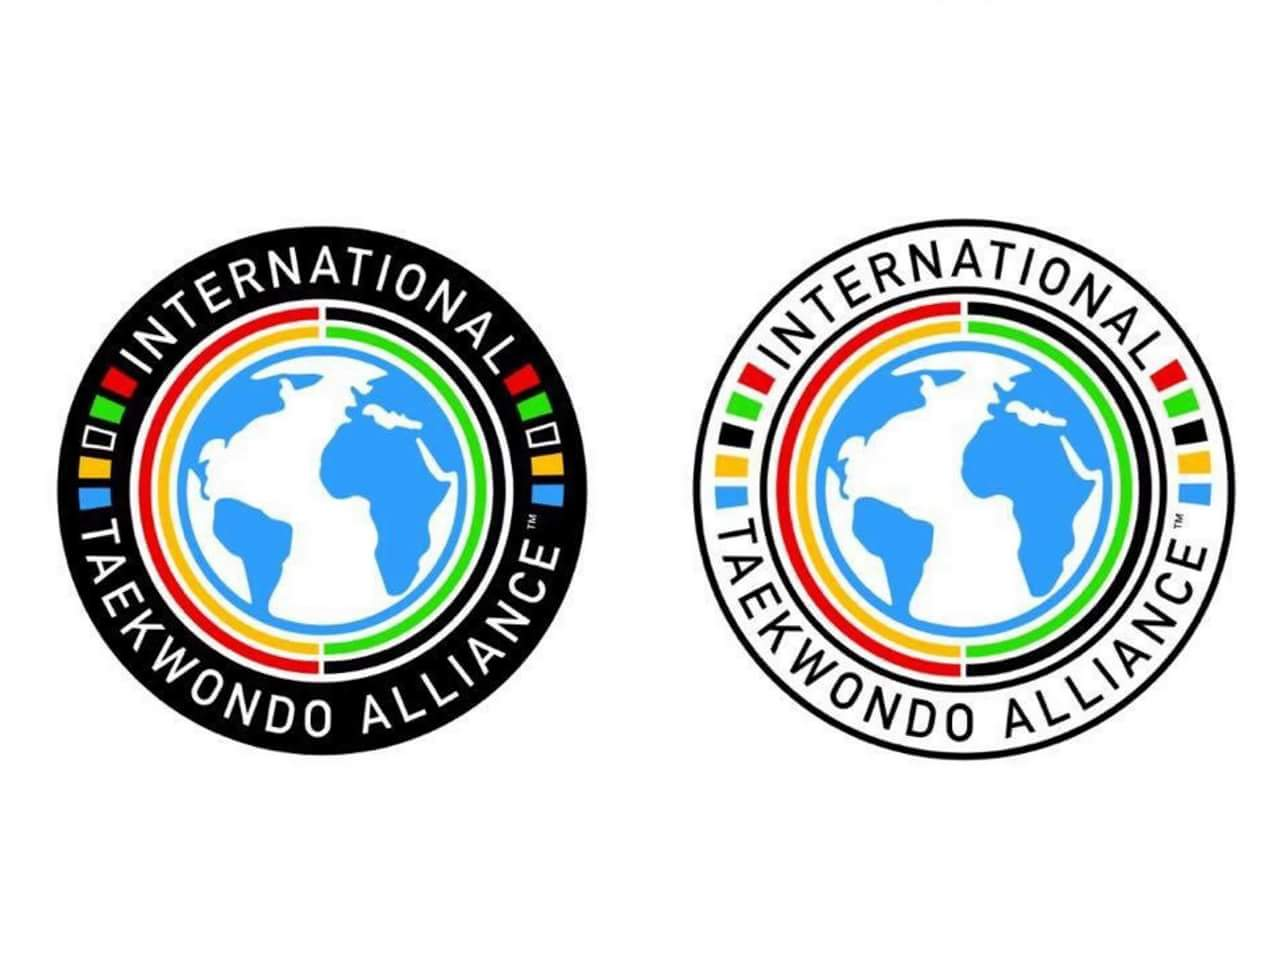 ITA Logos